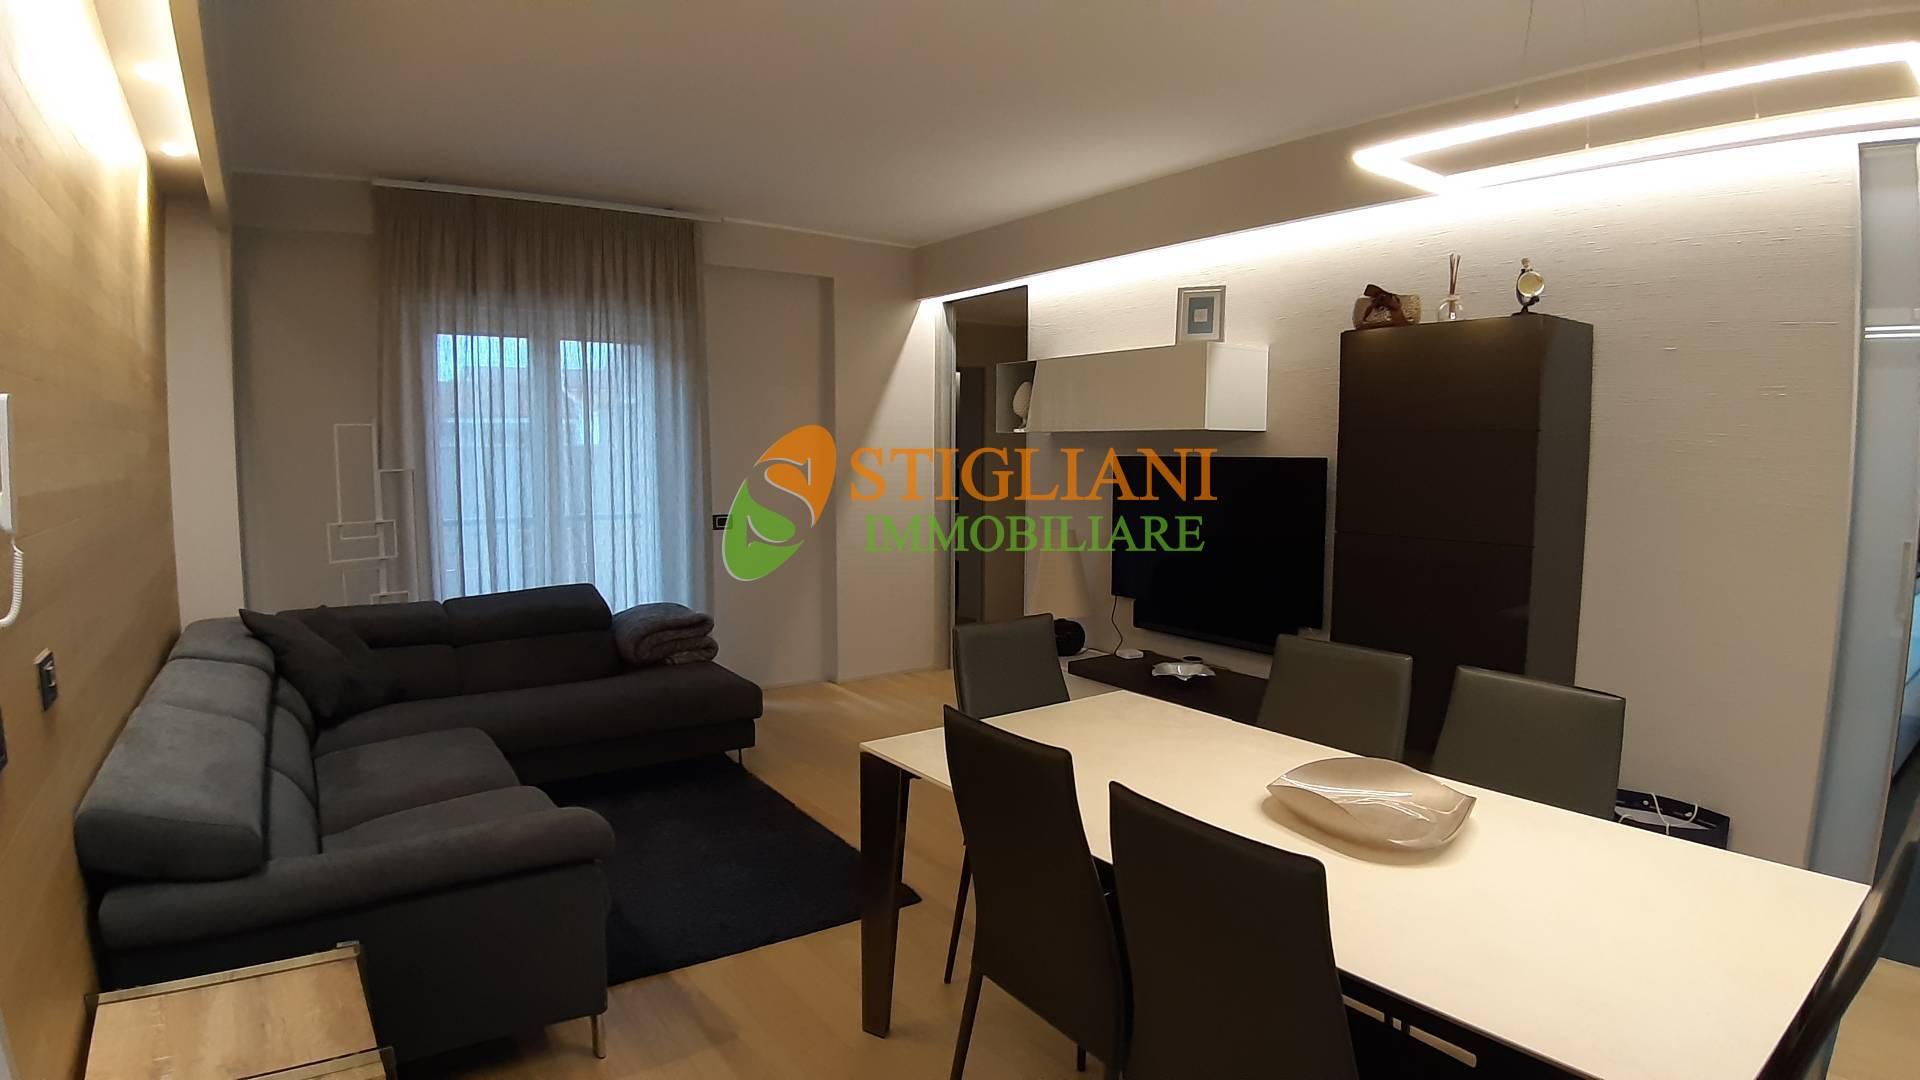 Appartamento in affitto a Campobasso, 4 locali, zona Zona: Centro, Trattative riservate   CambioCasa.it